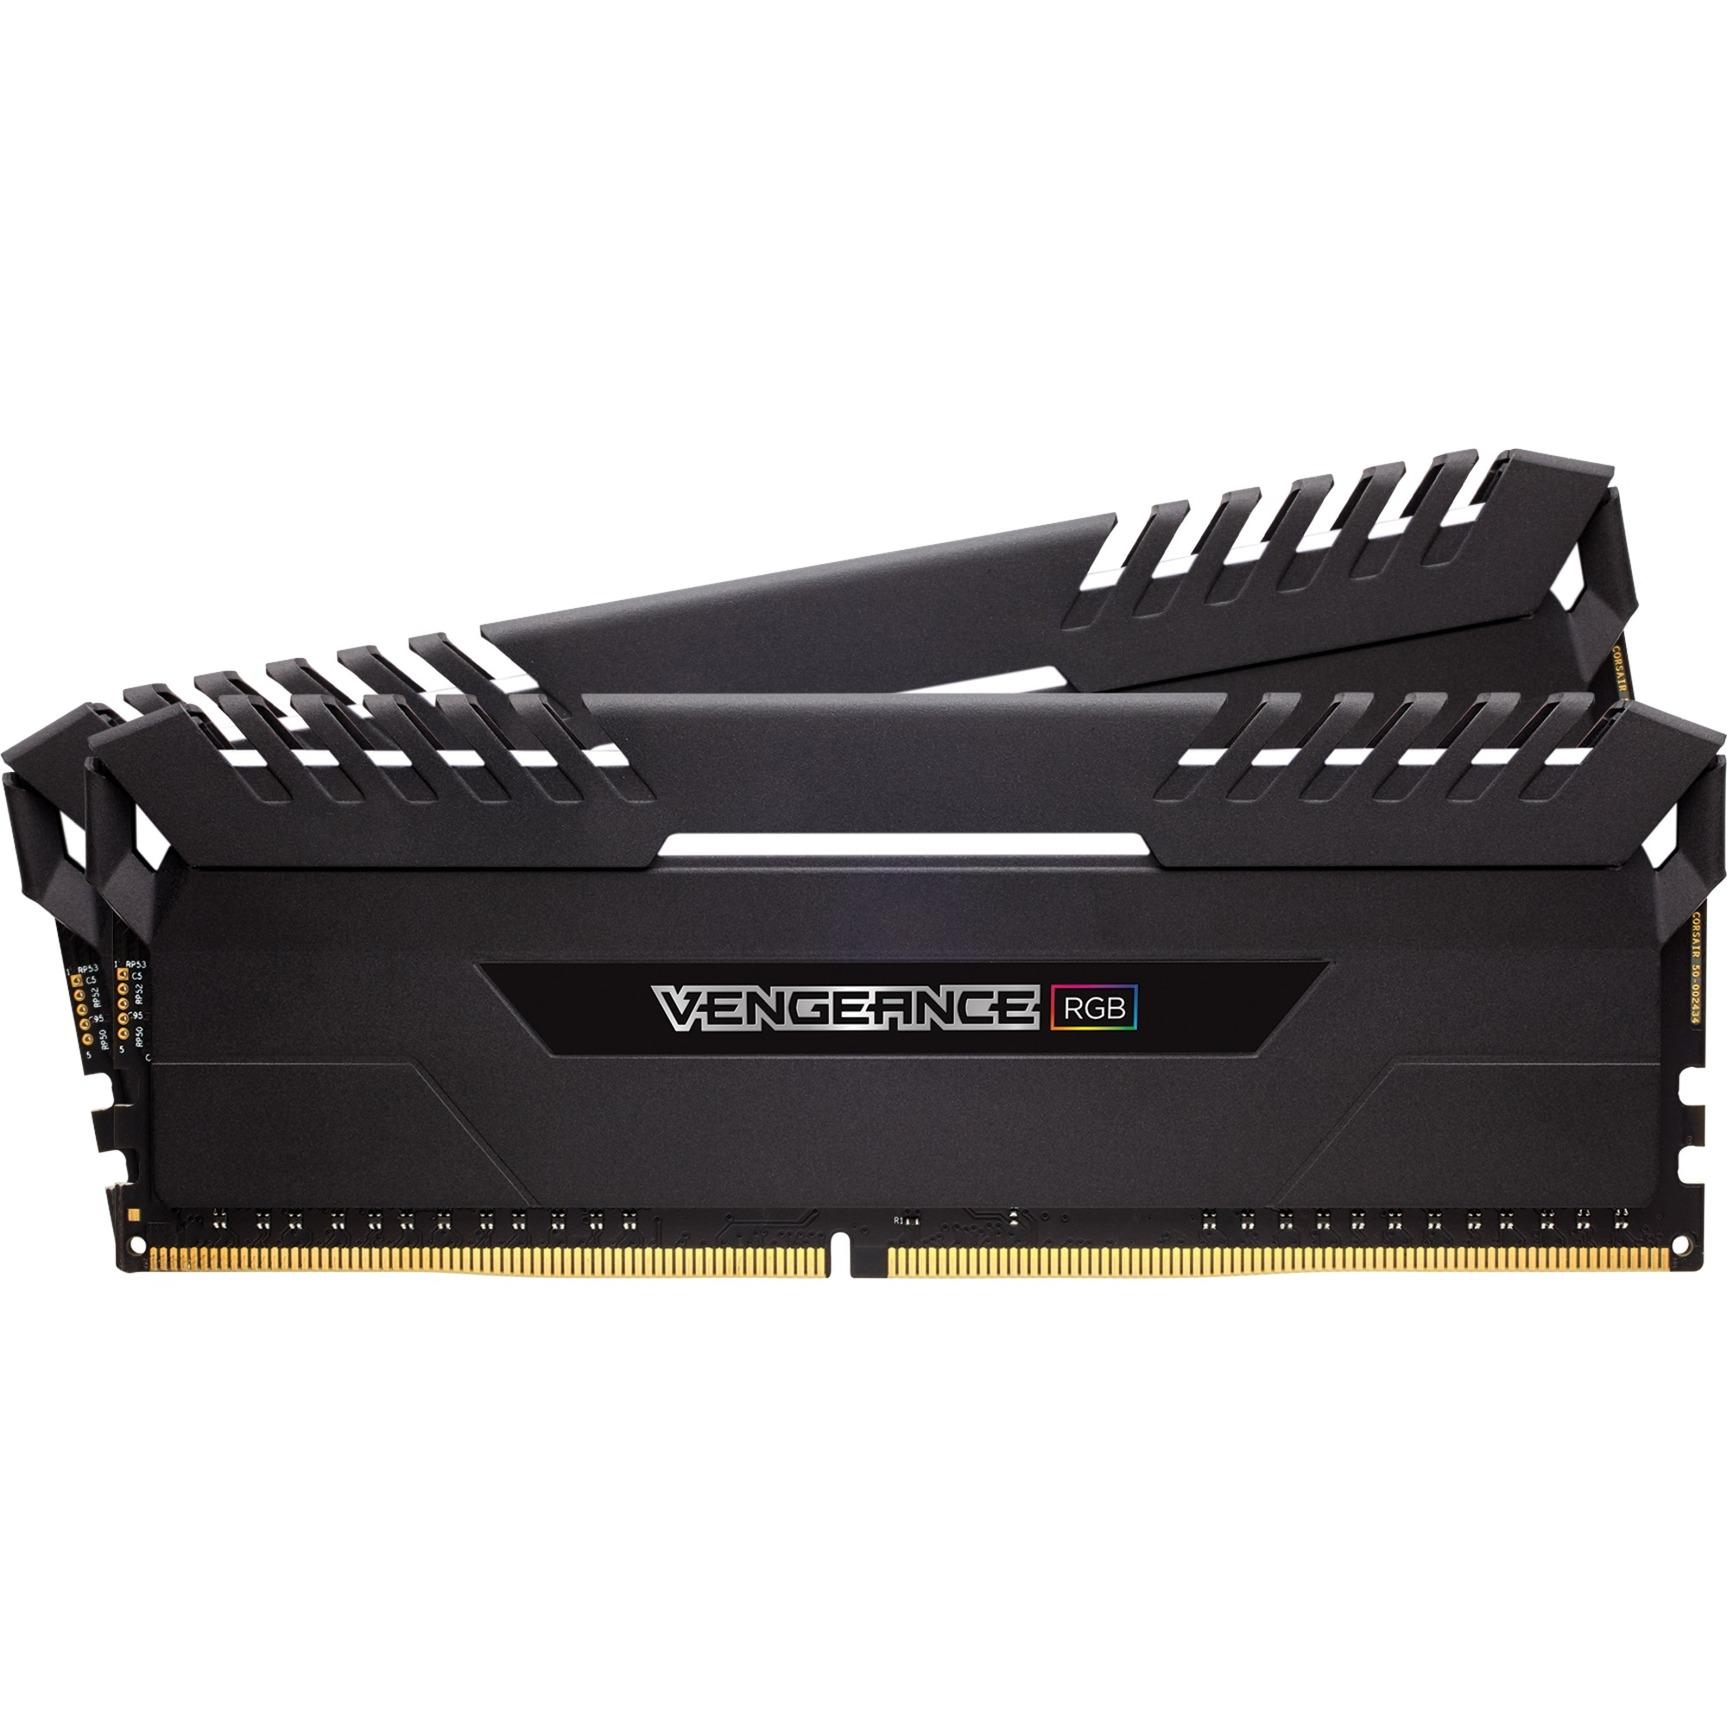 Vengeance CMR16GX4M2A2666C16 16Go DDR4 2666MHz module de mémoire